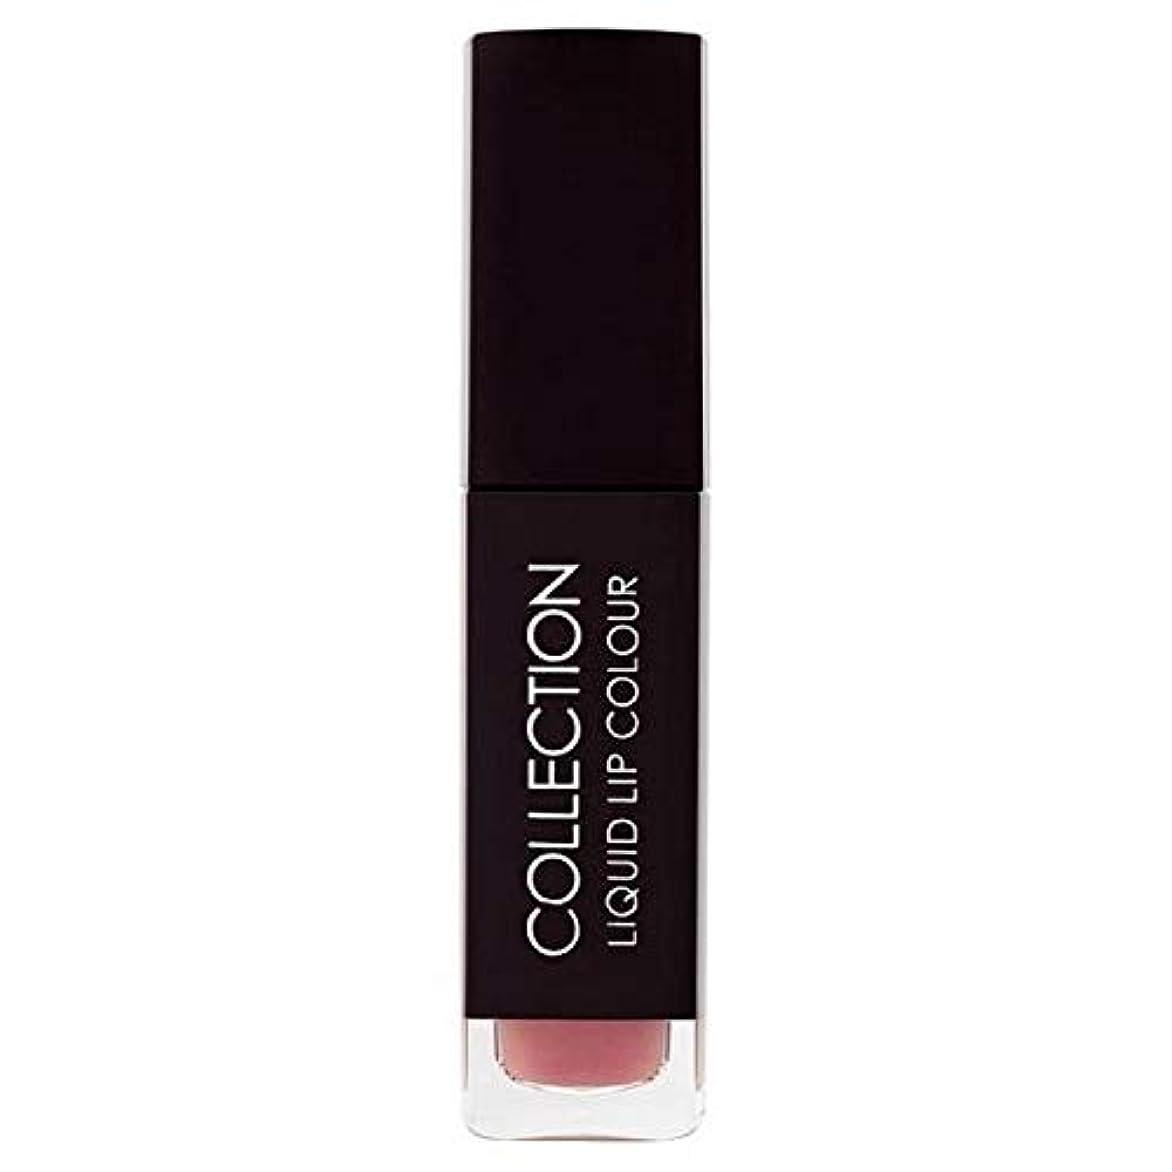 入り口連鎖花嫁[Collection ] 収集液体リップカラー5ミリリットルヌードタフィー6 - Collection Liquid Lip Colour 5ml Nude Toffee 6 [並行輸入品]